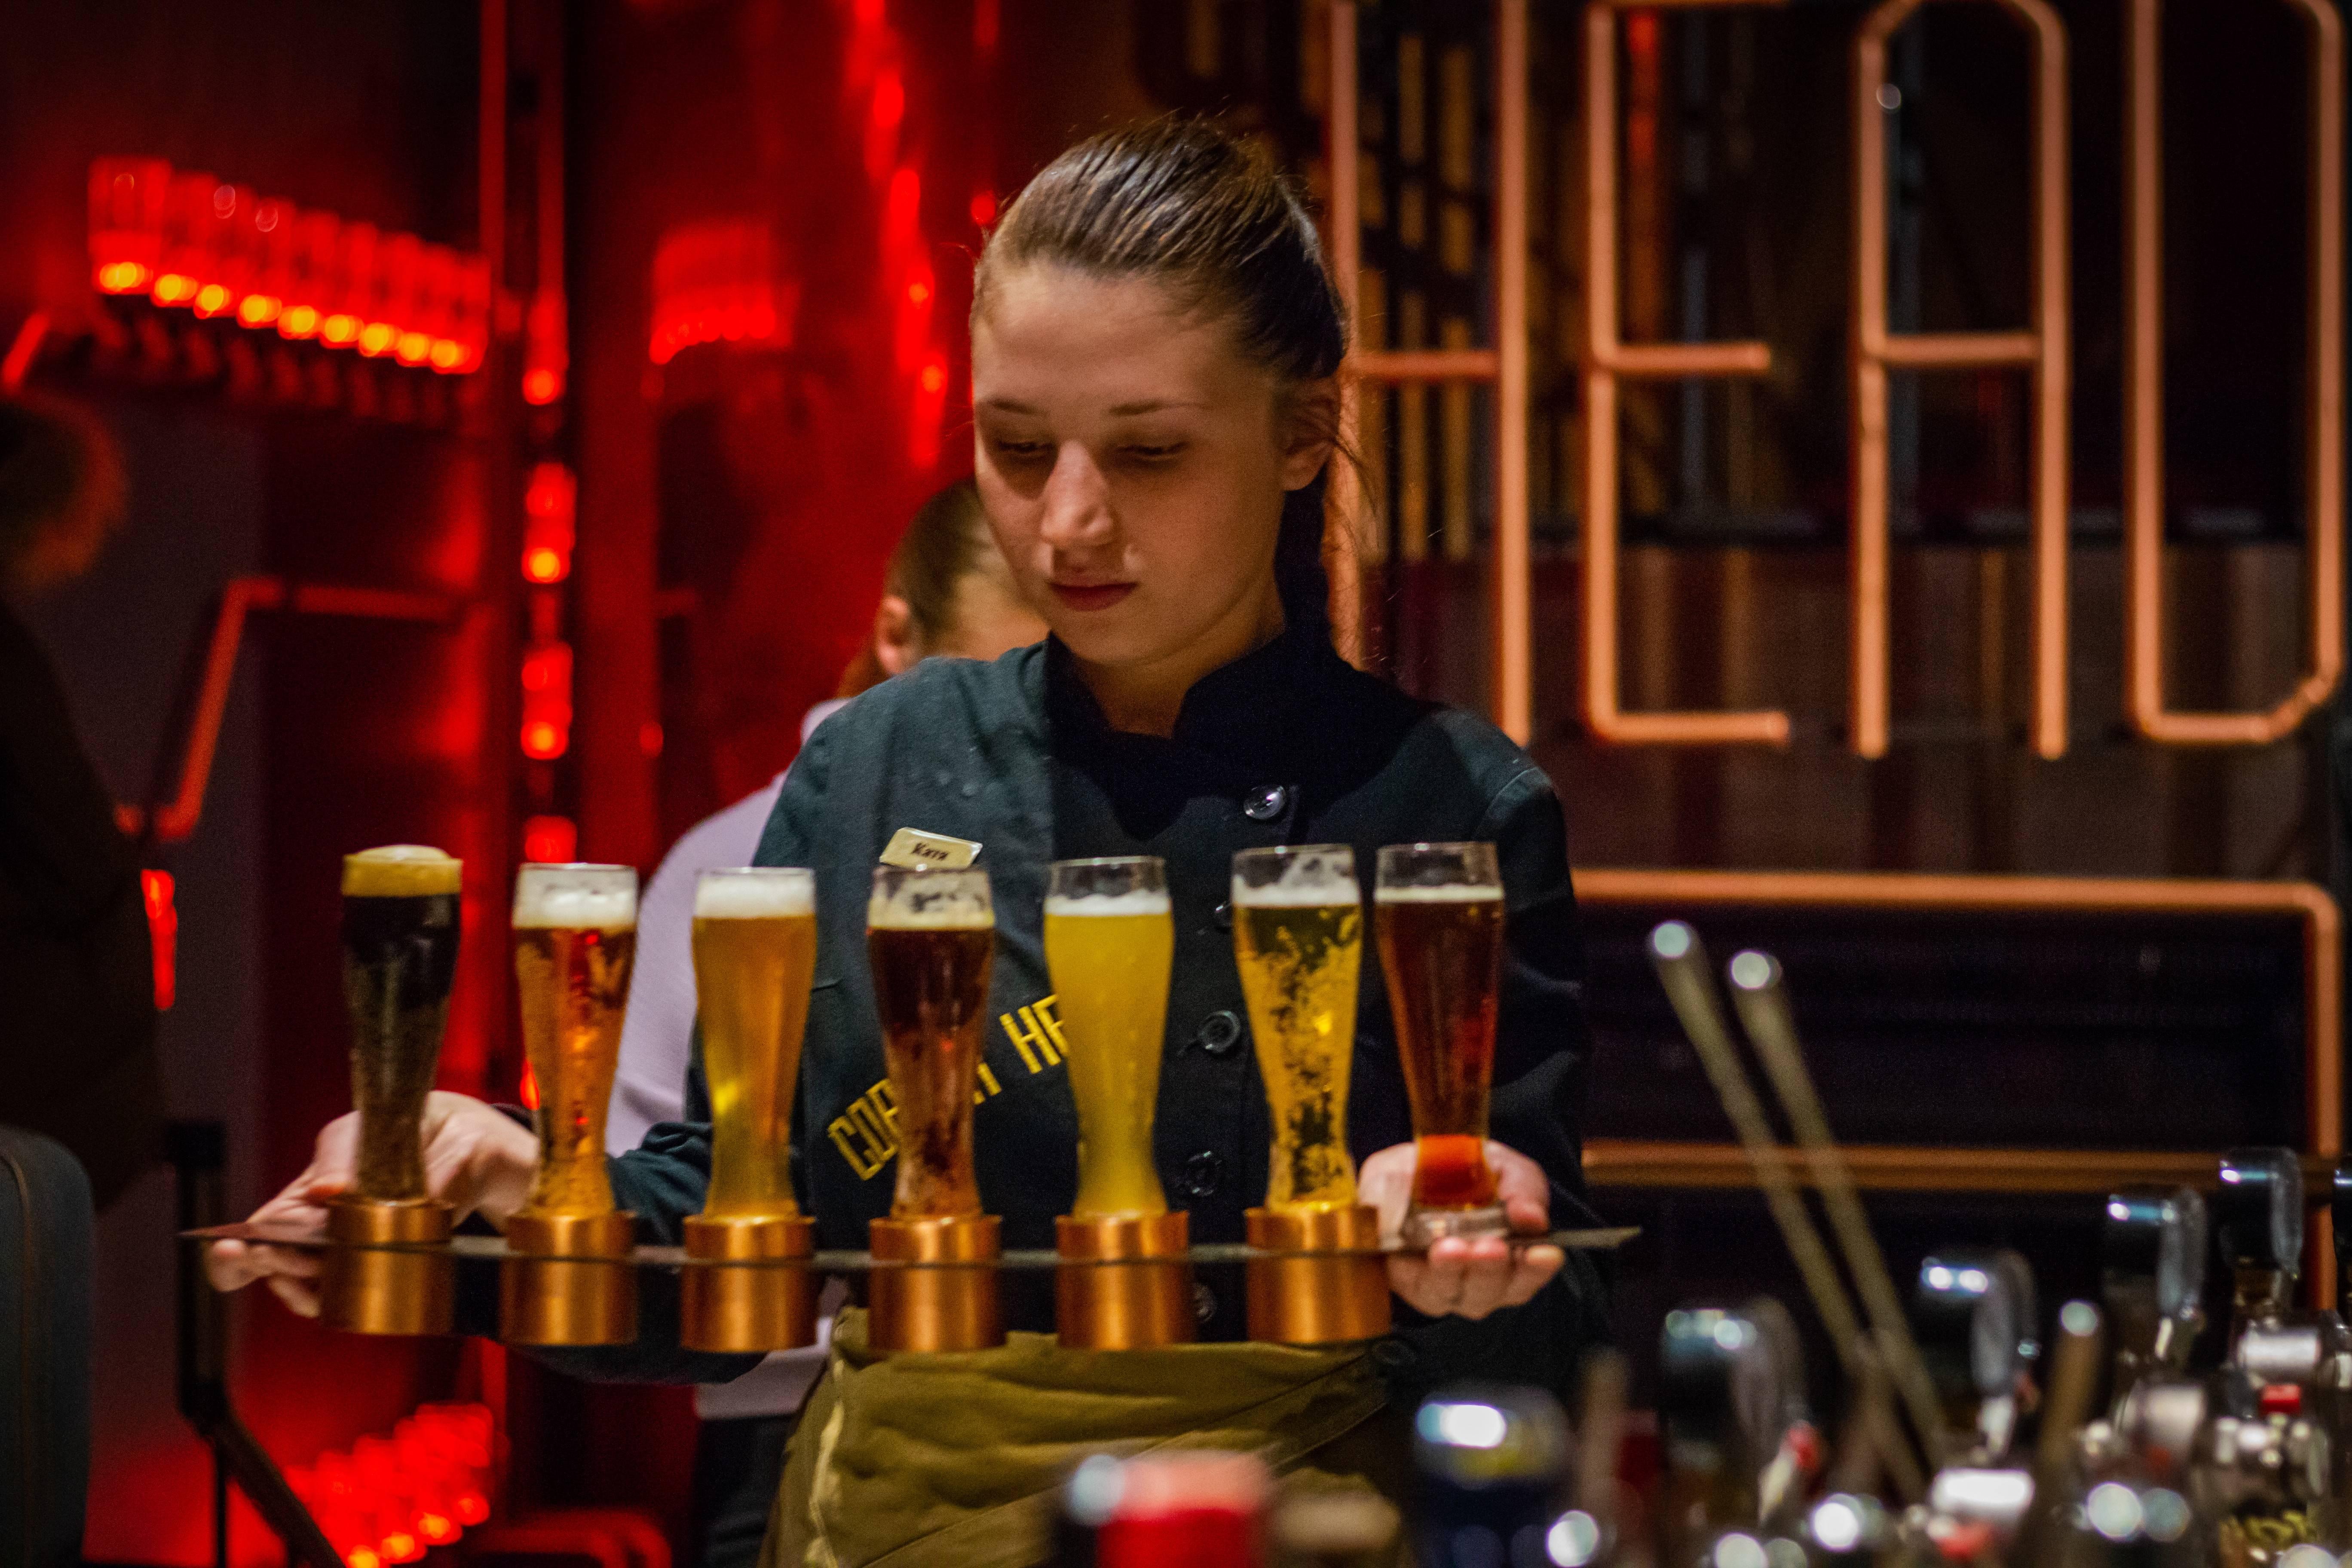 Als bedieningsmedewerker serveer jij gerechten en drankjes, maak je de bestellingen op en geef je ze door aan de keuken of de bar. Jij bent het gezicht en dus de lach van ieder bedrijf:)